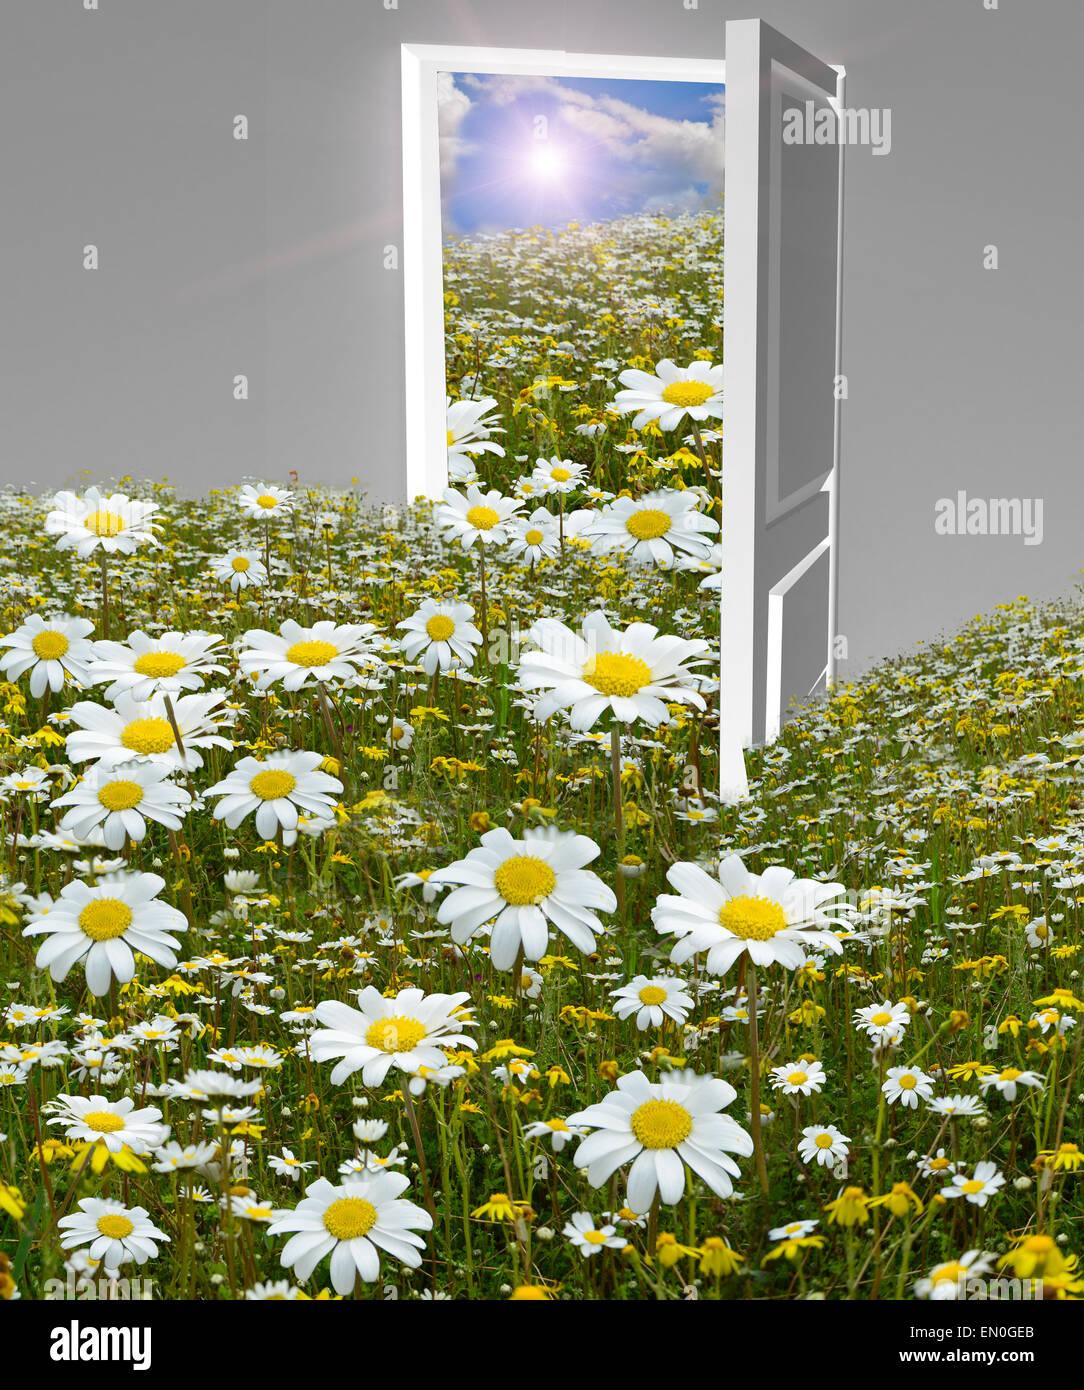 Spring background open door and flowers daisies flow out of it spring background open door and flowers daisies flow out of it izmirmasajfo Gallery